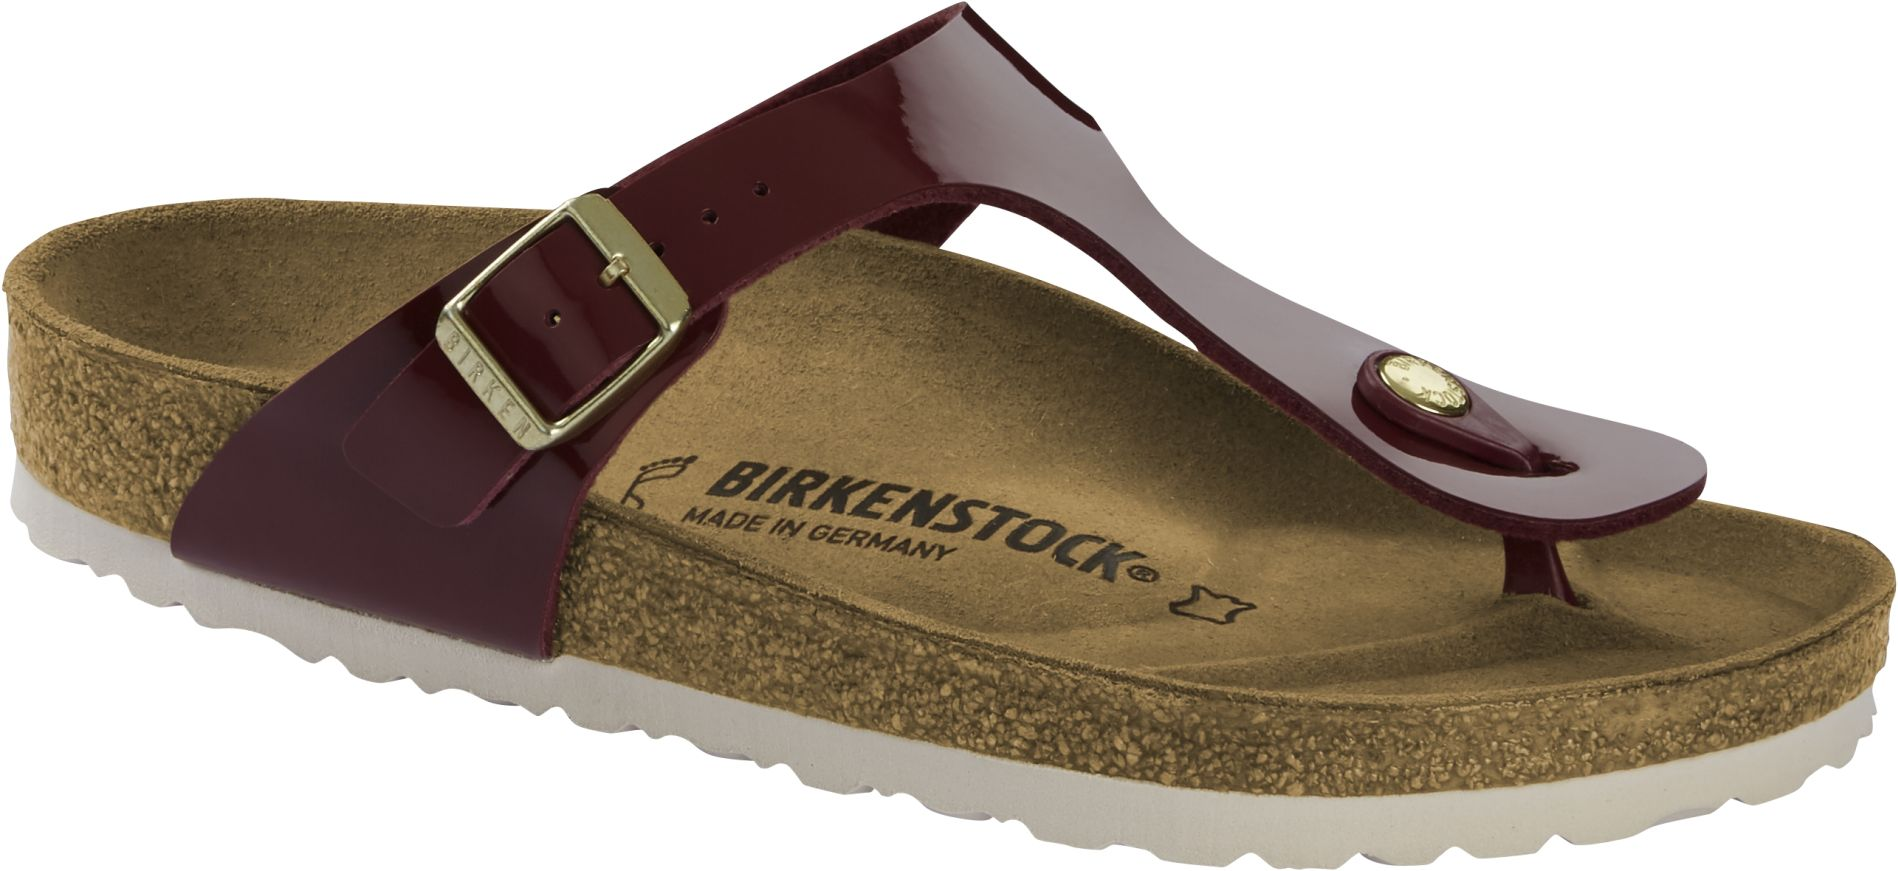 Birkenstock Gizeh Patent Bordeaux